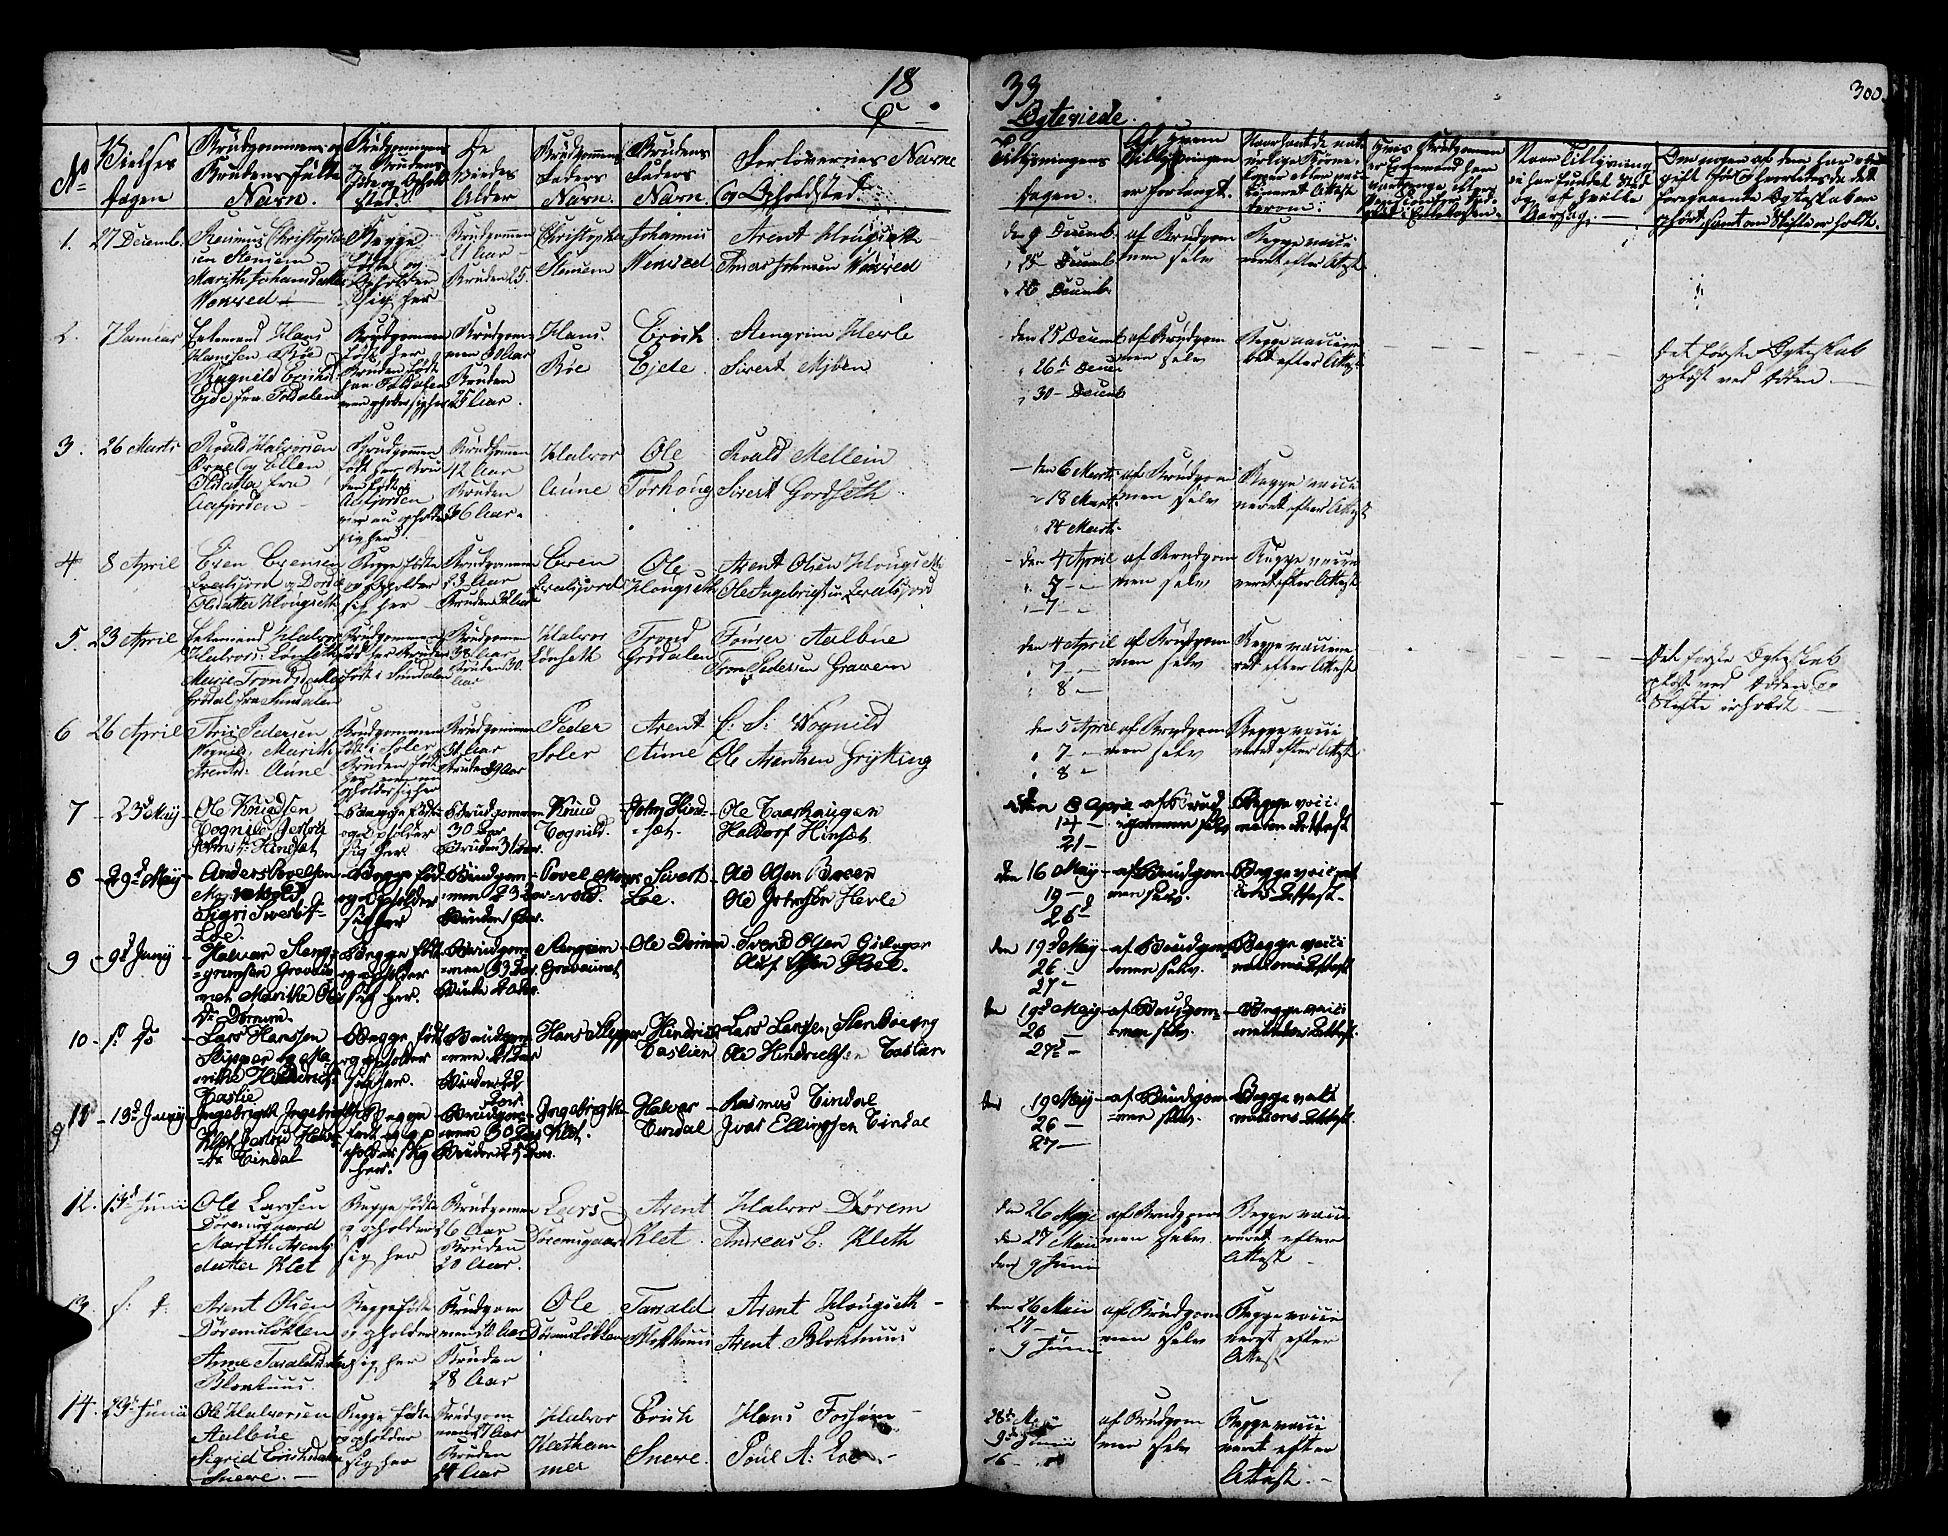 SAT, Ministerialprotokoller, klokkerbøker og fødselsregistre - Sør-Trøndelag, 678/L0897: Ministerialbok nr. 678A06-07, 1821-1847, s. 300